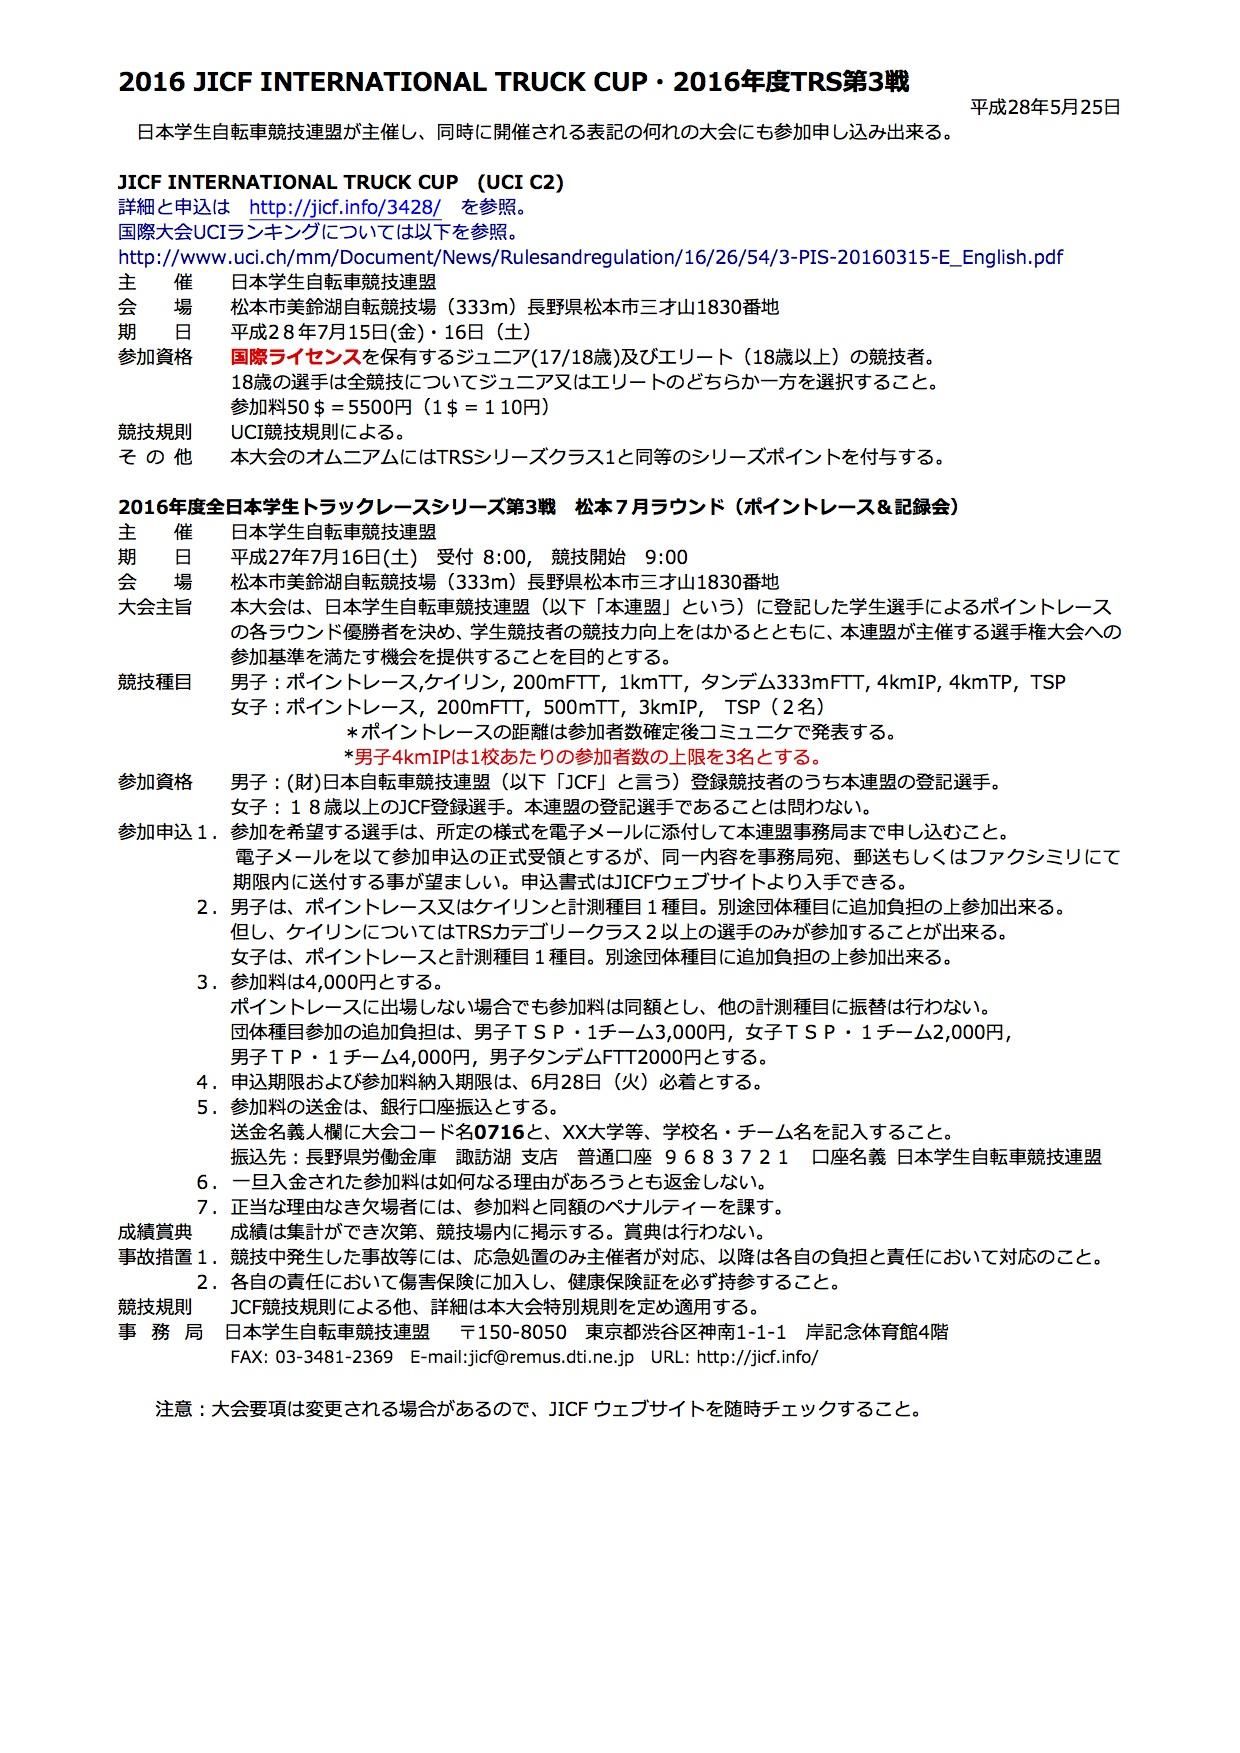 16trs03_yoko_160525_01